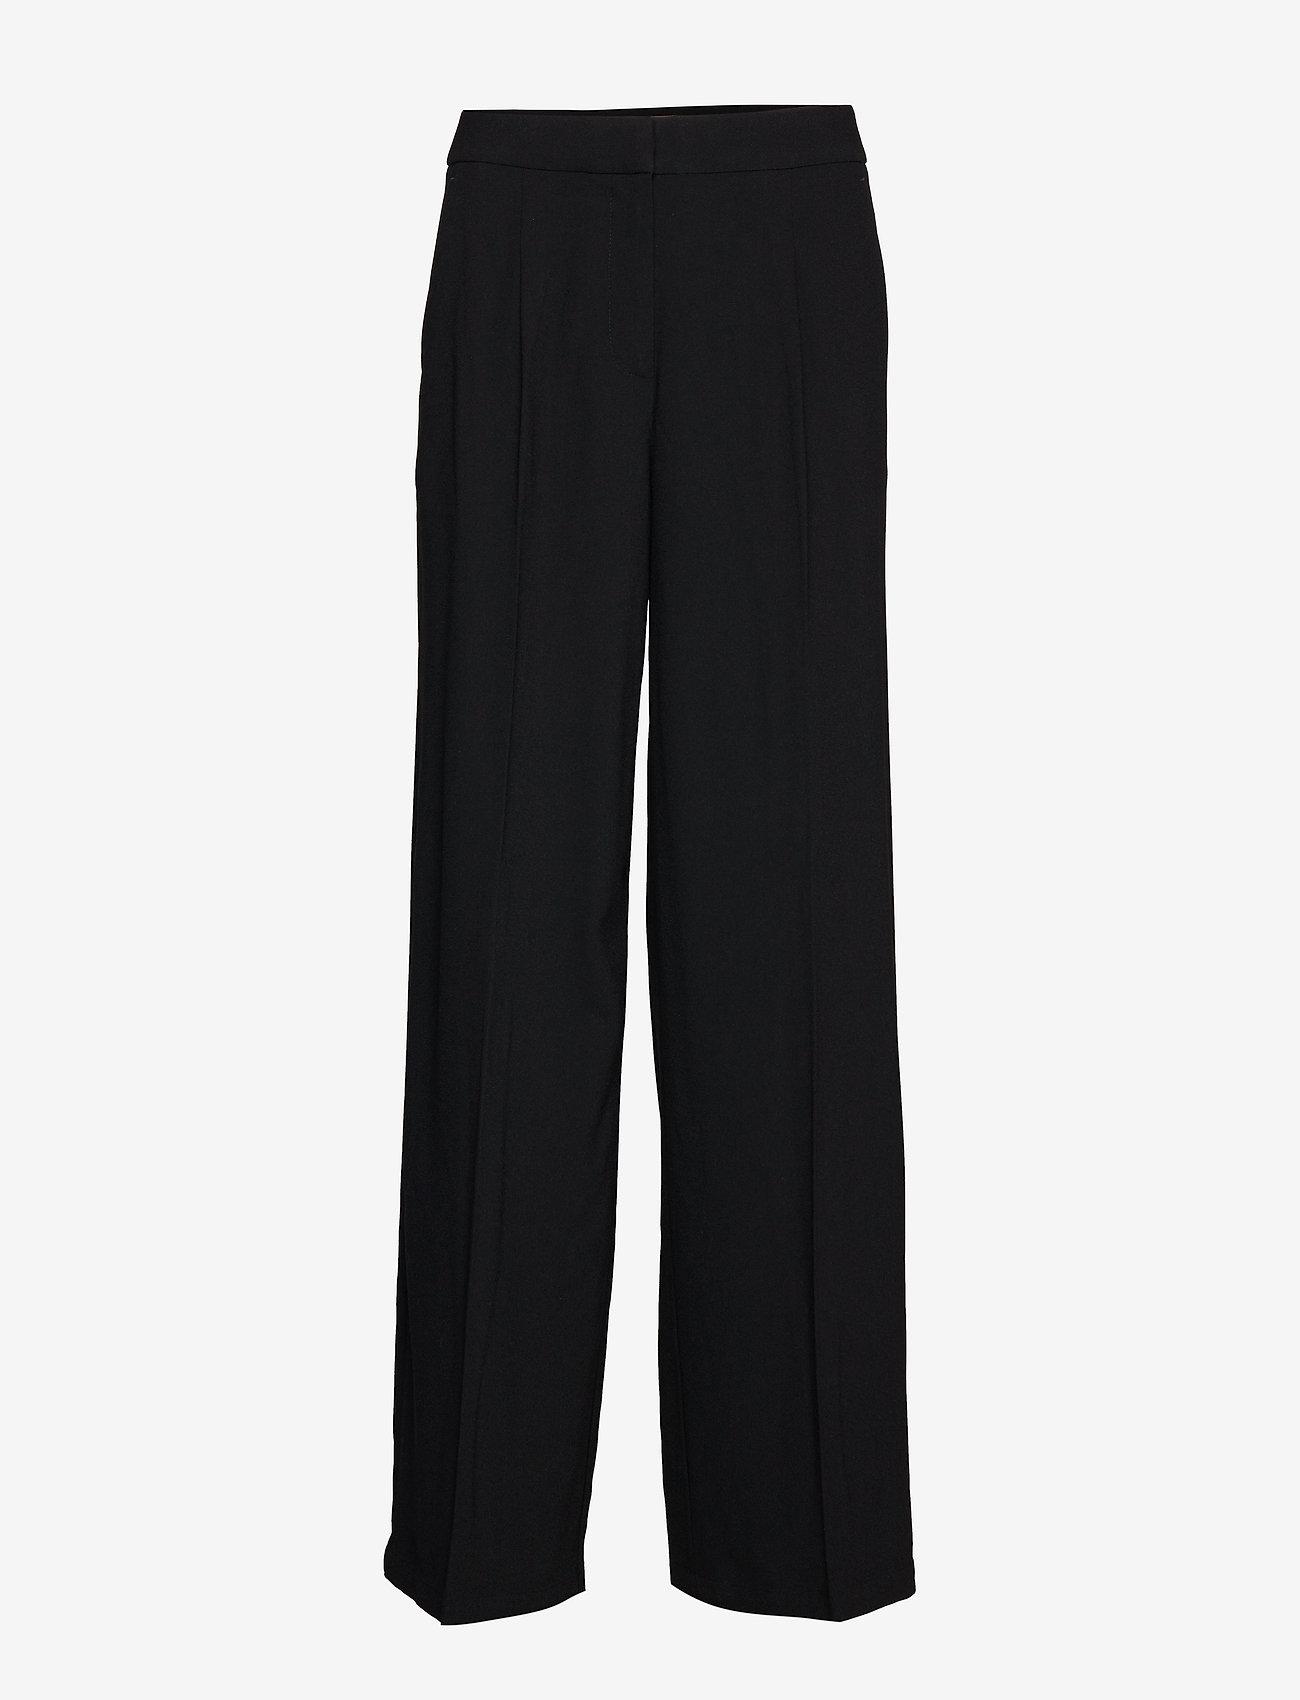 Selected Femme - SLFTINNI MW WIDE PANT B NOOS - uitlopende broeken - black - 0